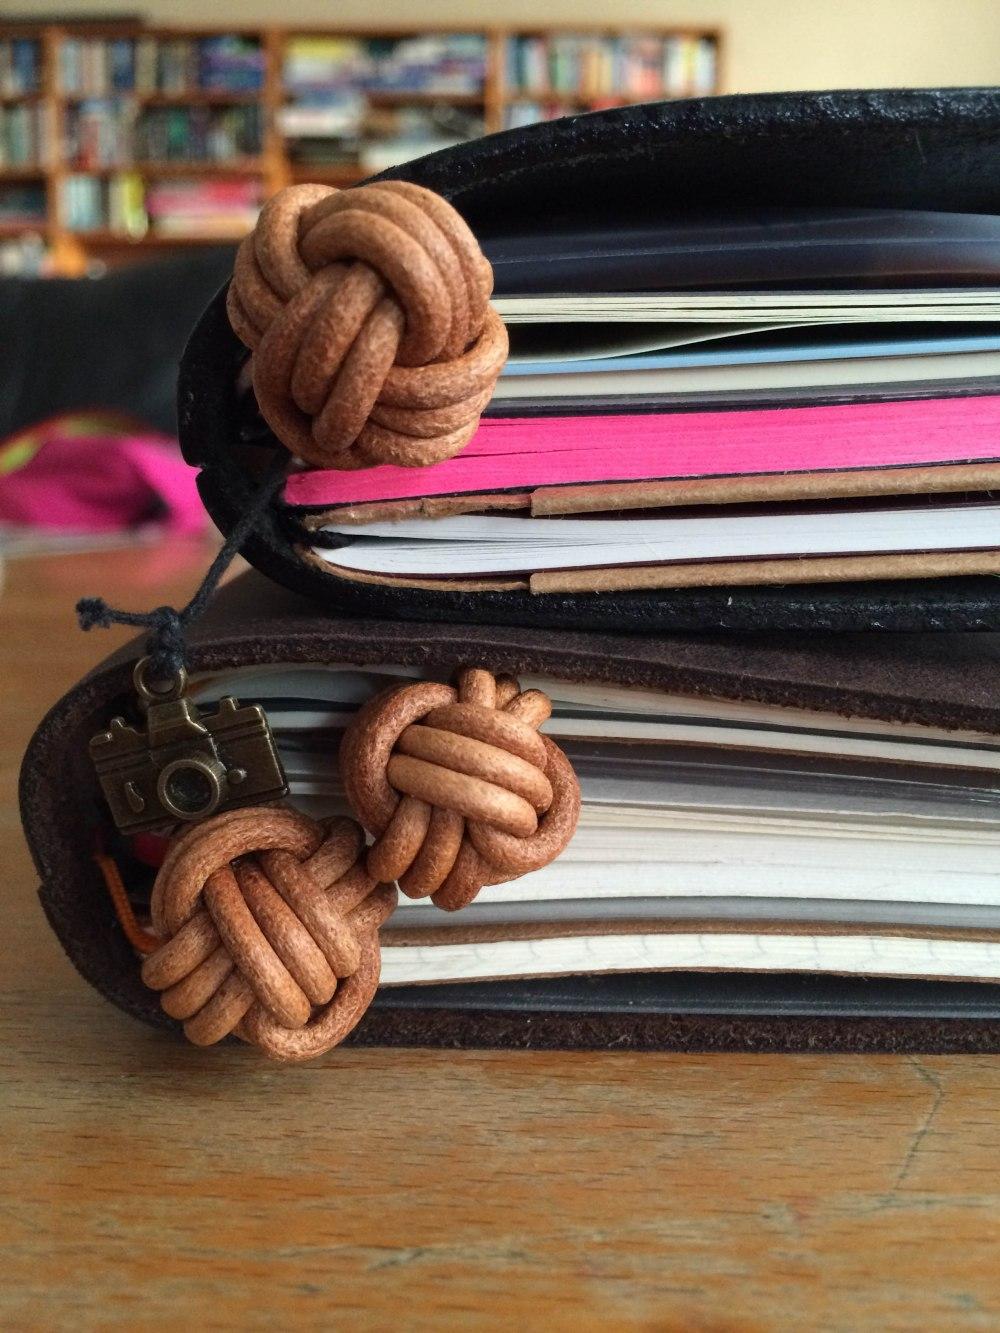 midori traveler's notebooks